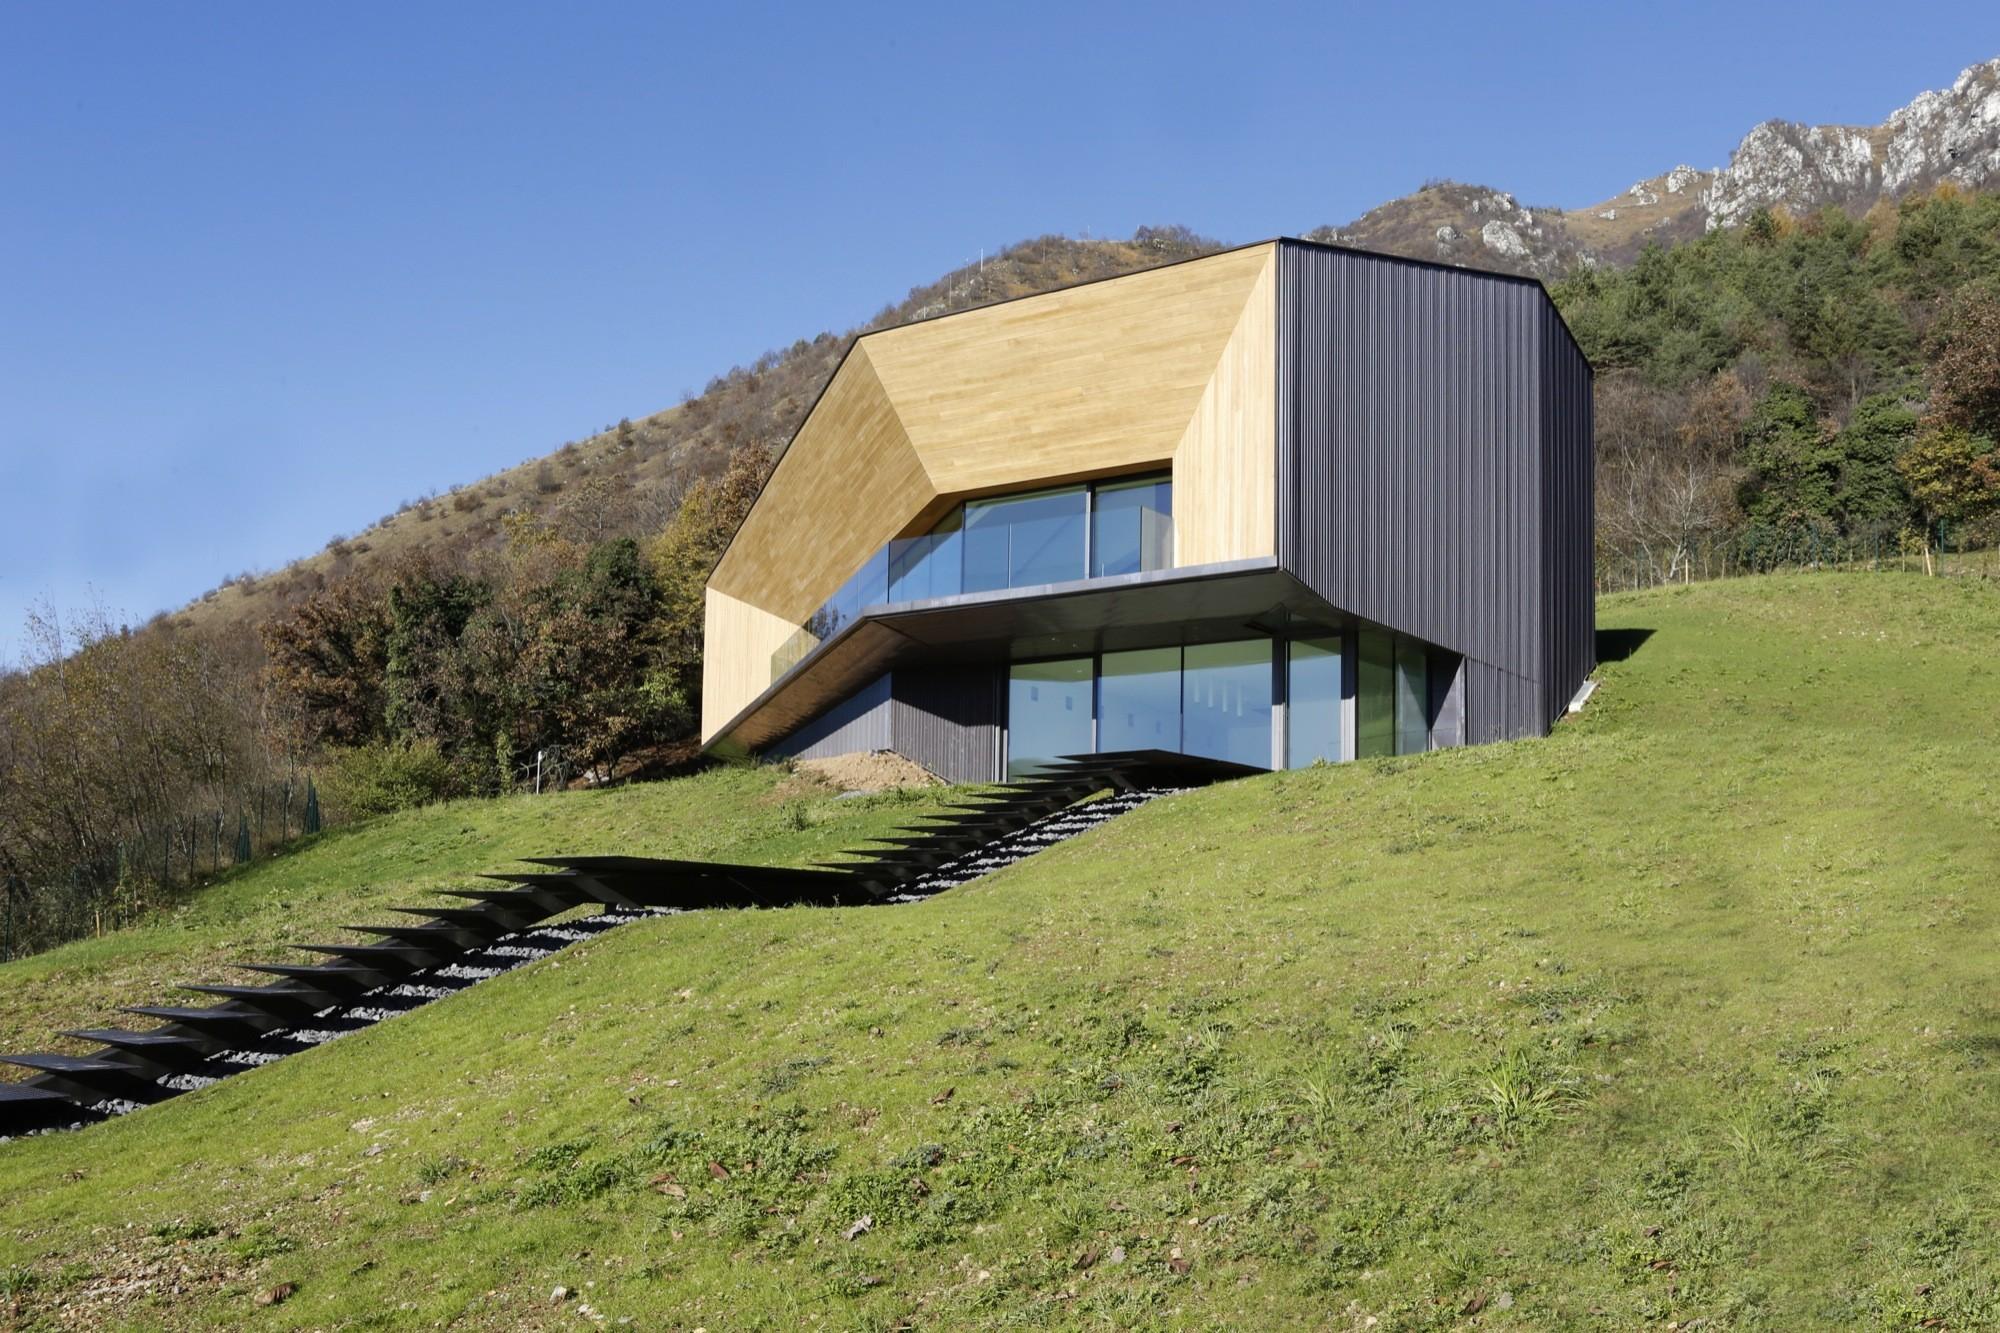 Alps villa camillo botticini archdaily for Ville bifamiliari moderne